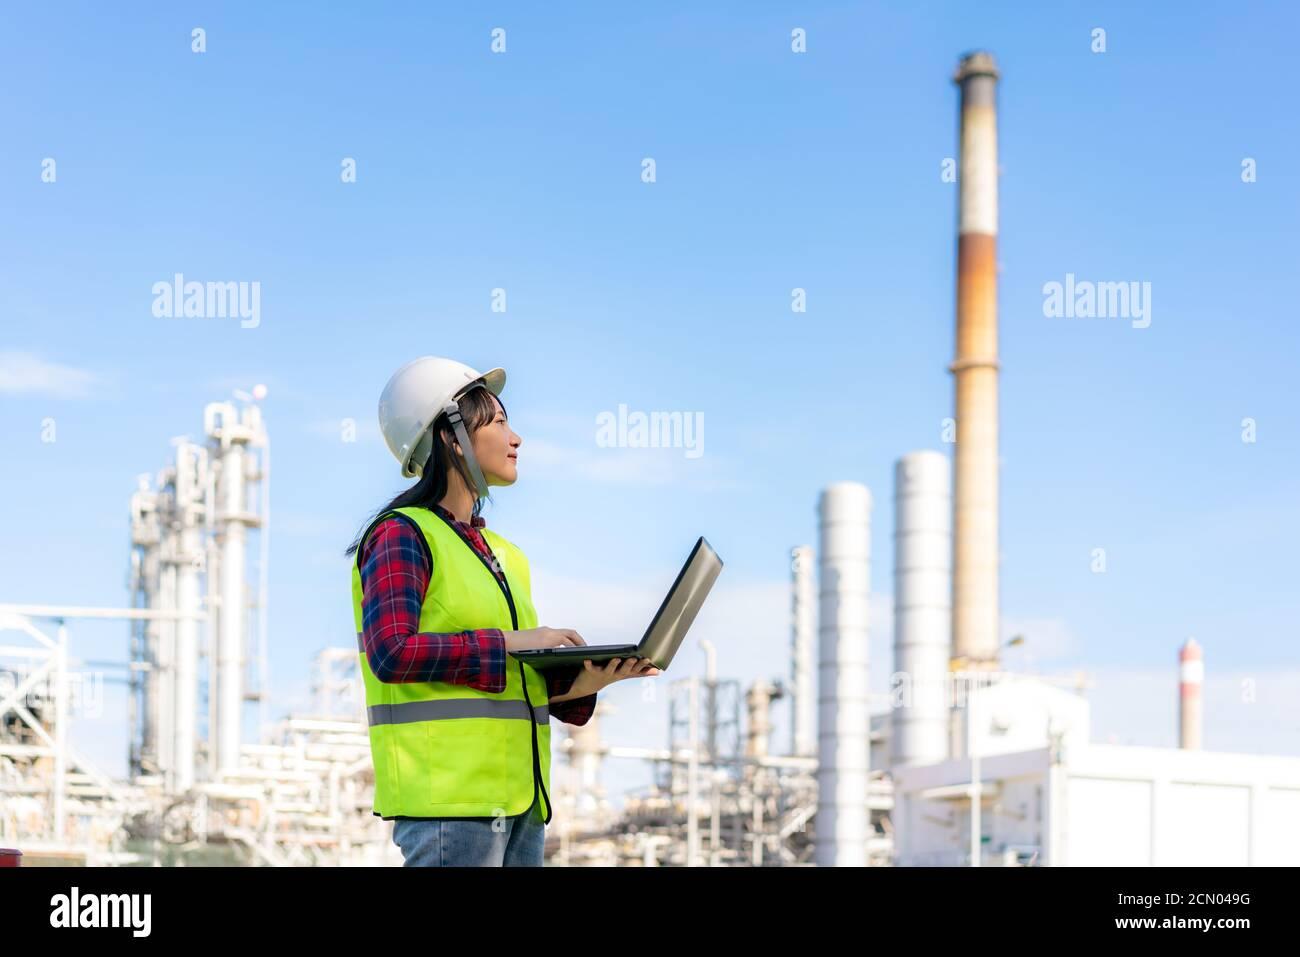 Femme asiatique ingénieur pétrochimique travaillant la nuit avec un ordinateur portable dans l'usine de raffinage de pétrole et de gaz la nuit pour la sécurité des inspecteurs Banque D'Images